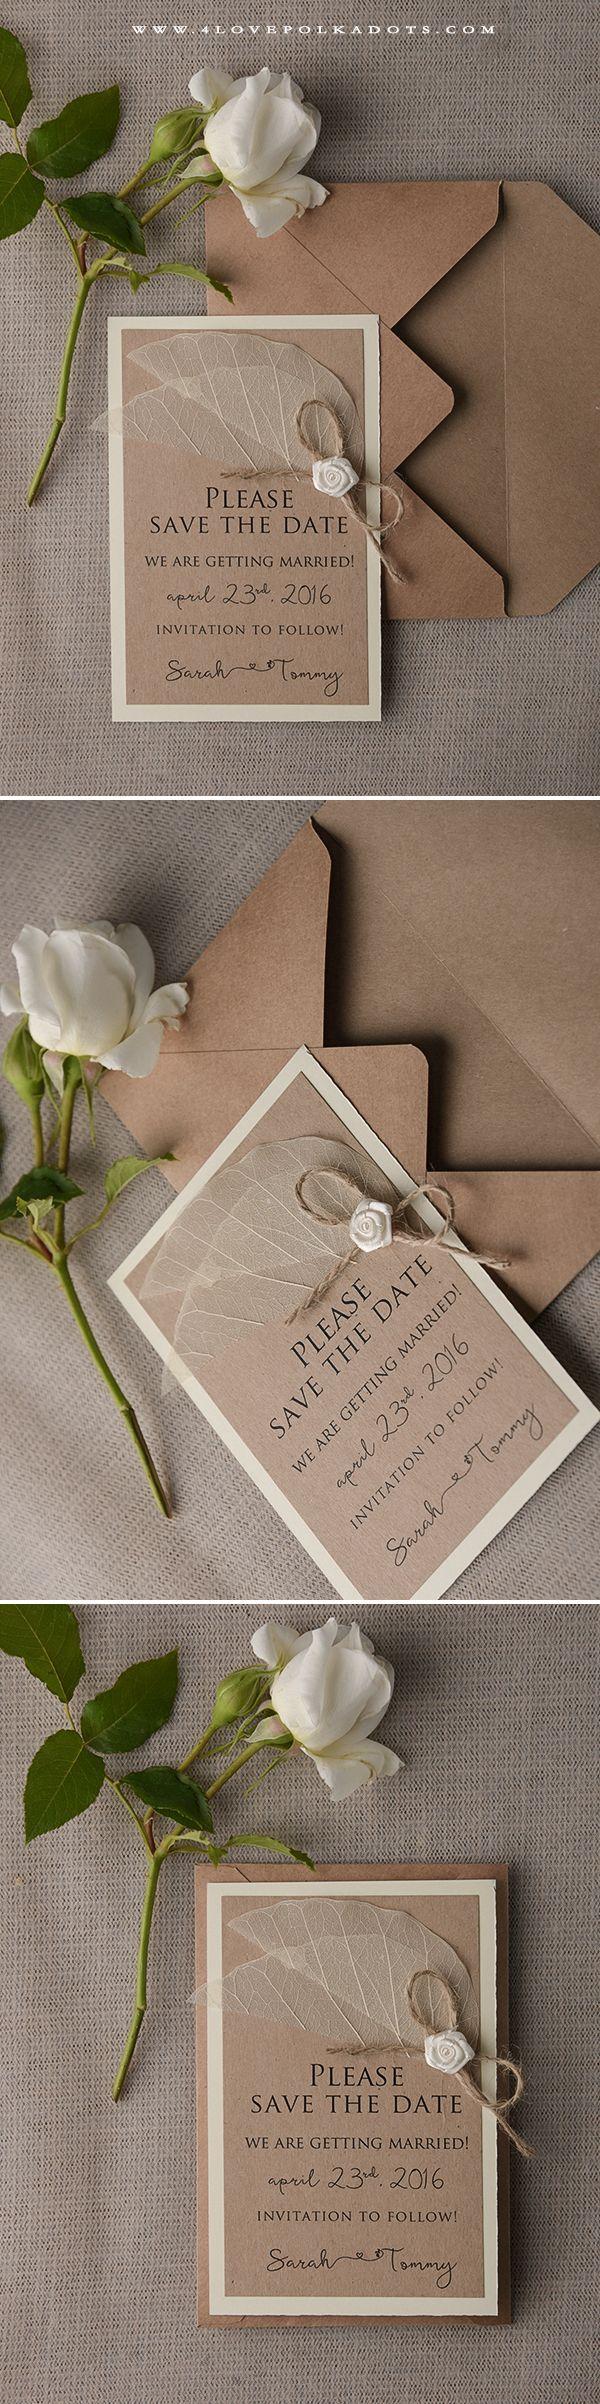 Save the Date Card with Flower bow & leaf #weddingideas